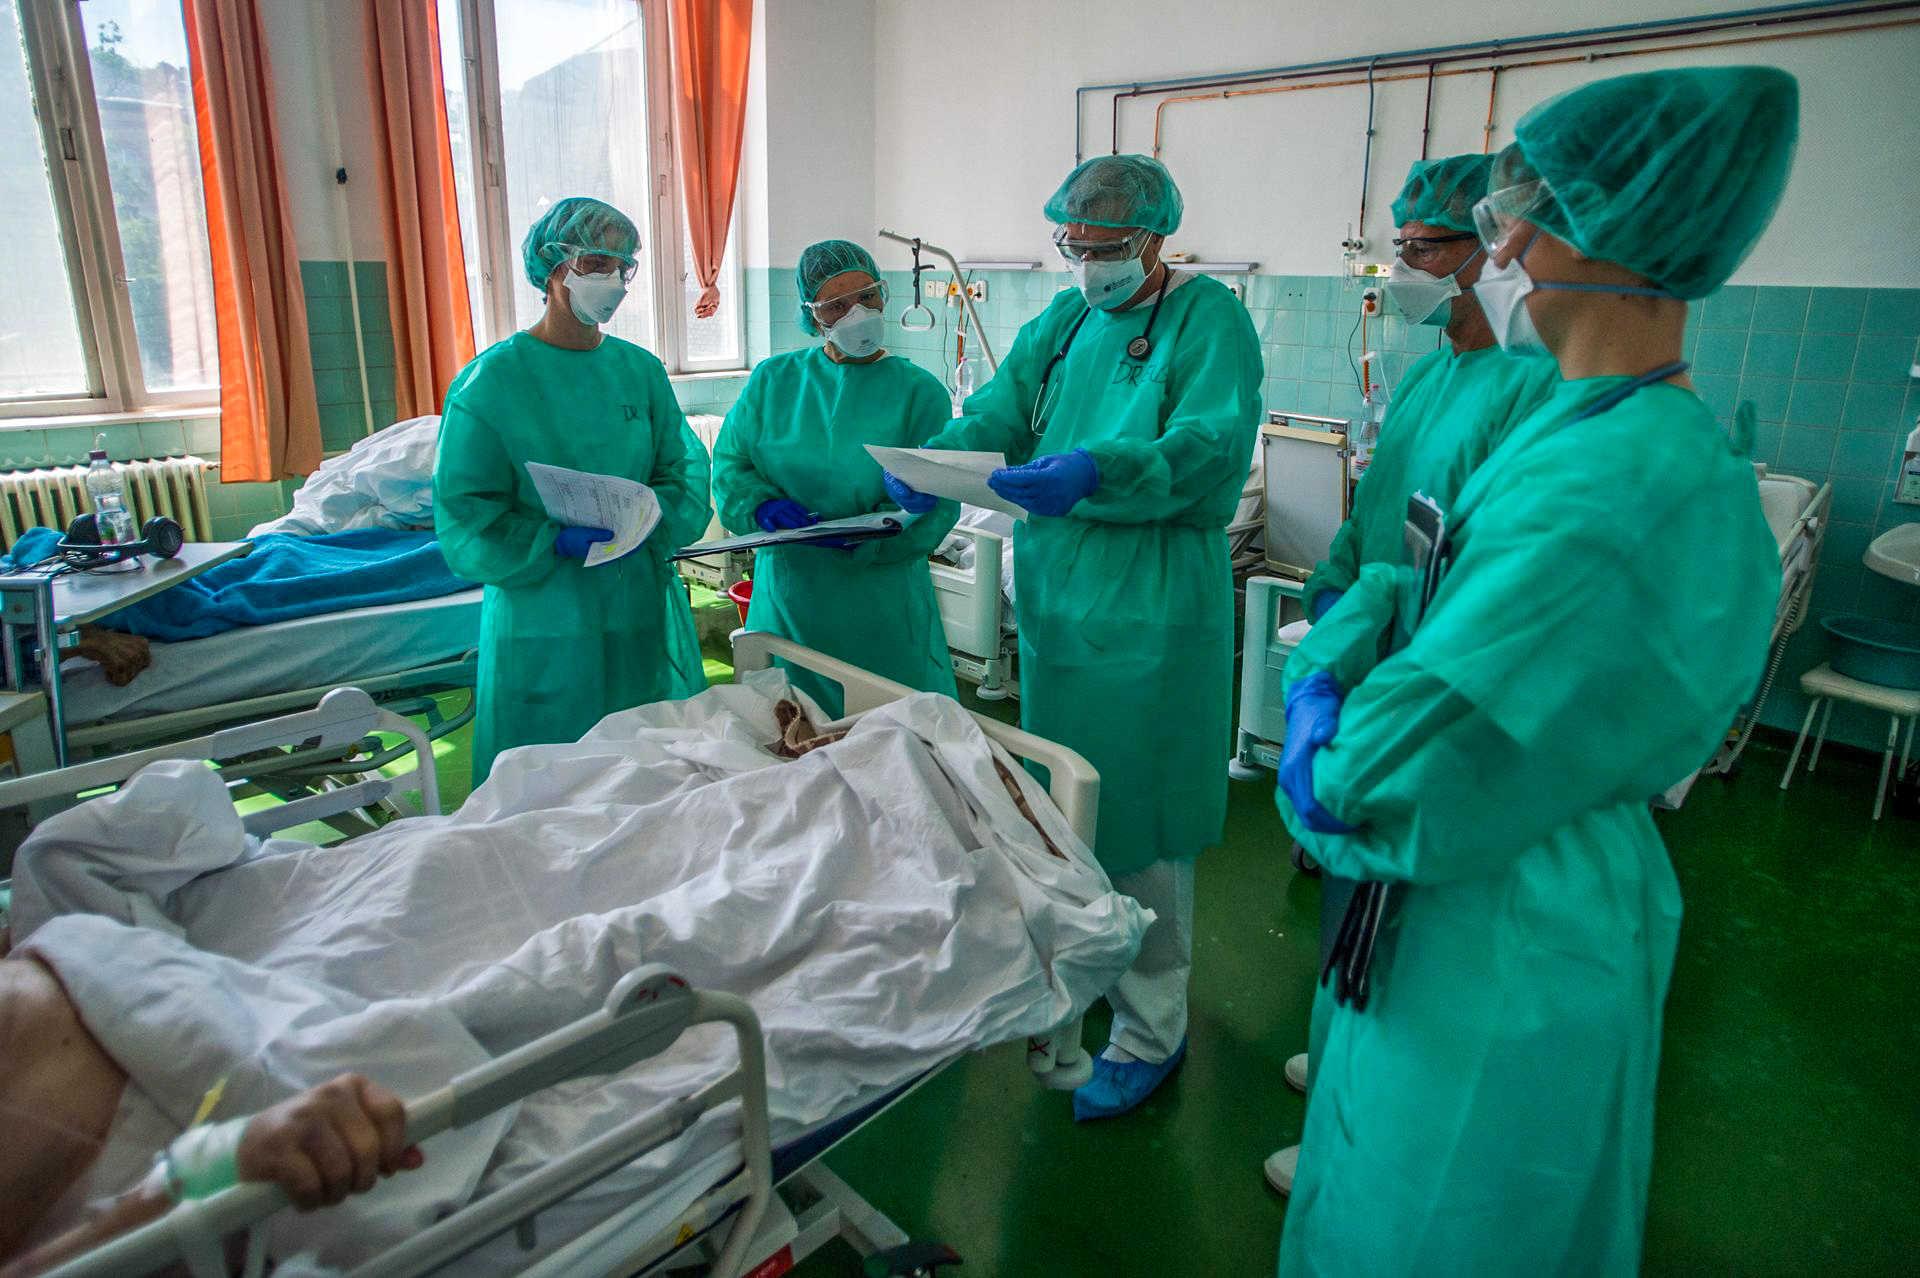 Koronavírus - A fővárosi Szent János Kórház, covid, koronavírus, korház, orvos, doktor, maszk